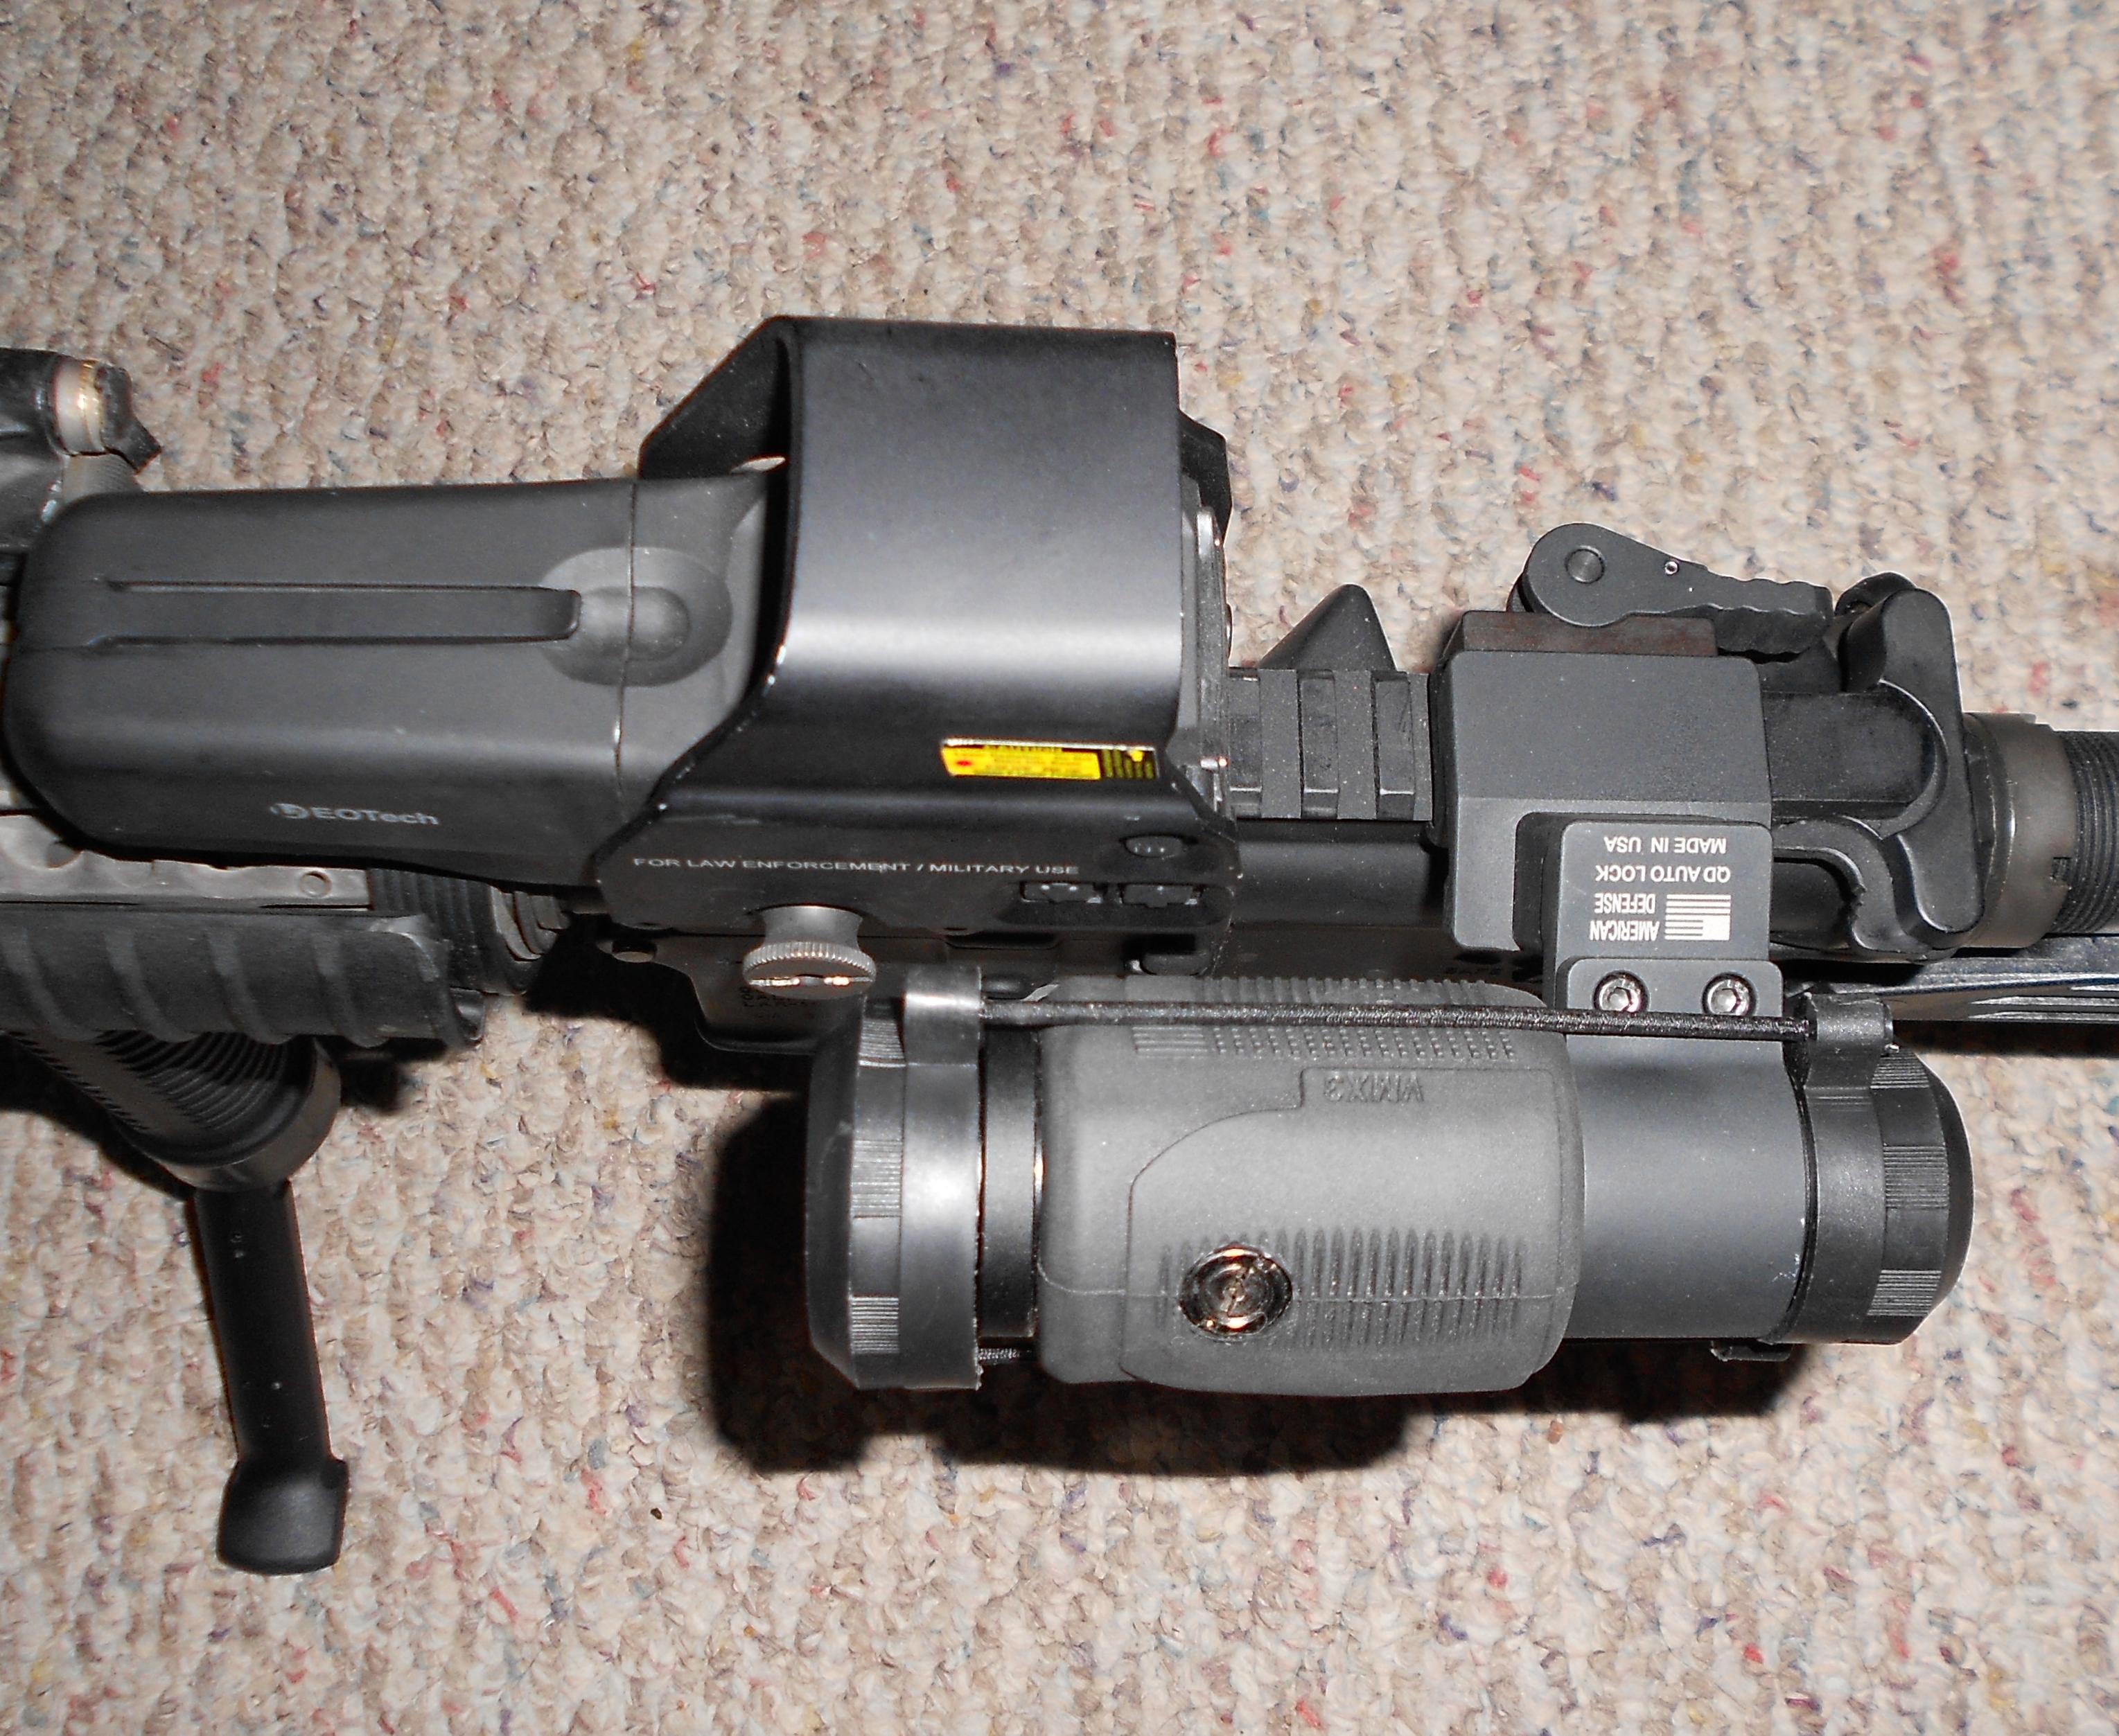 vortex vmx 3 magnifier gun reviews tactical gun review